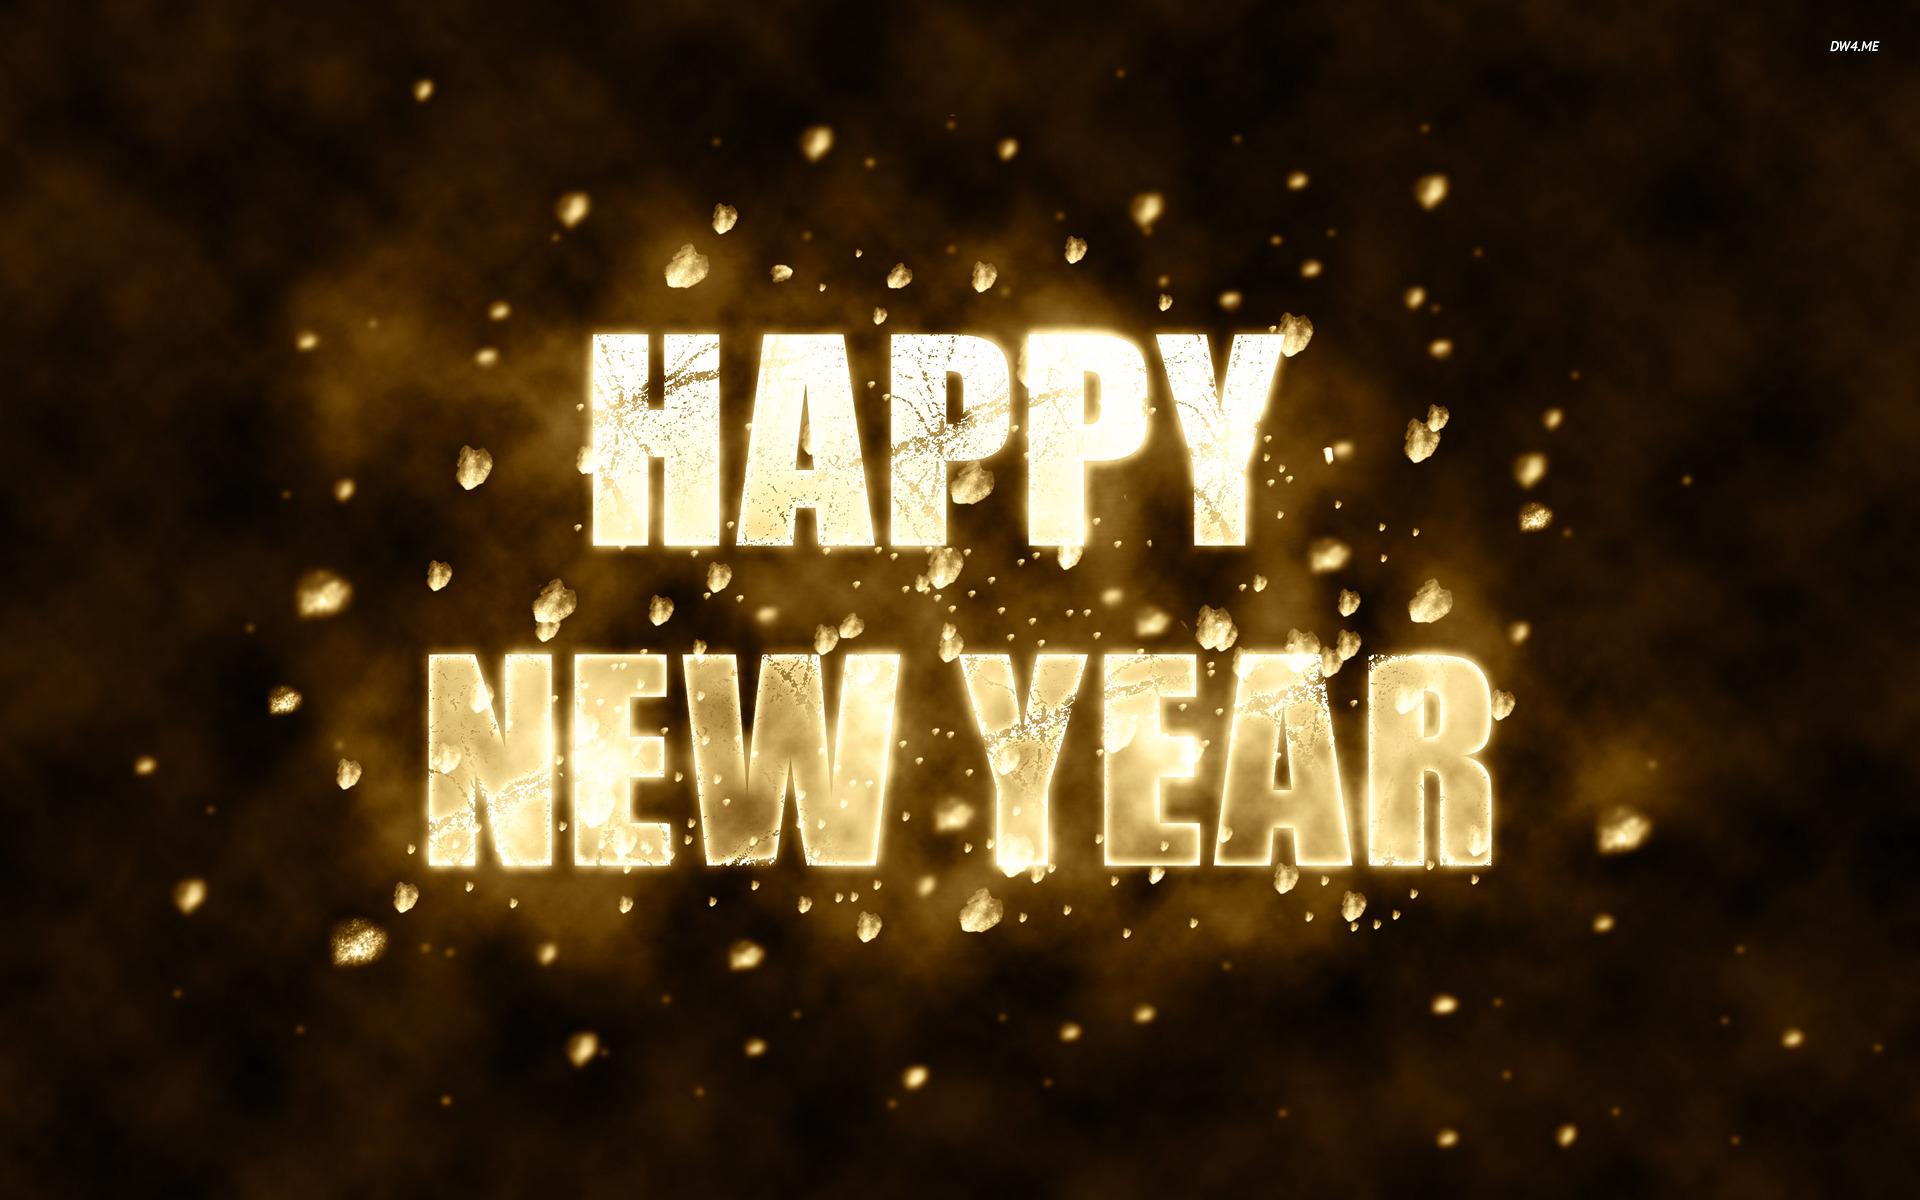 senschirp - happy new year!